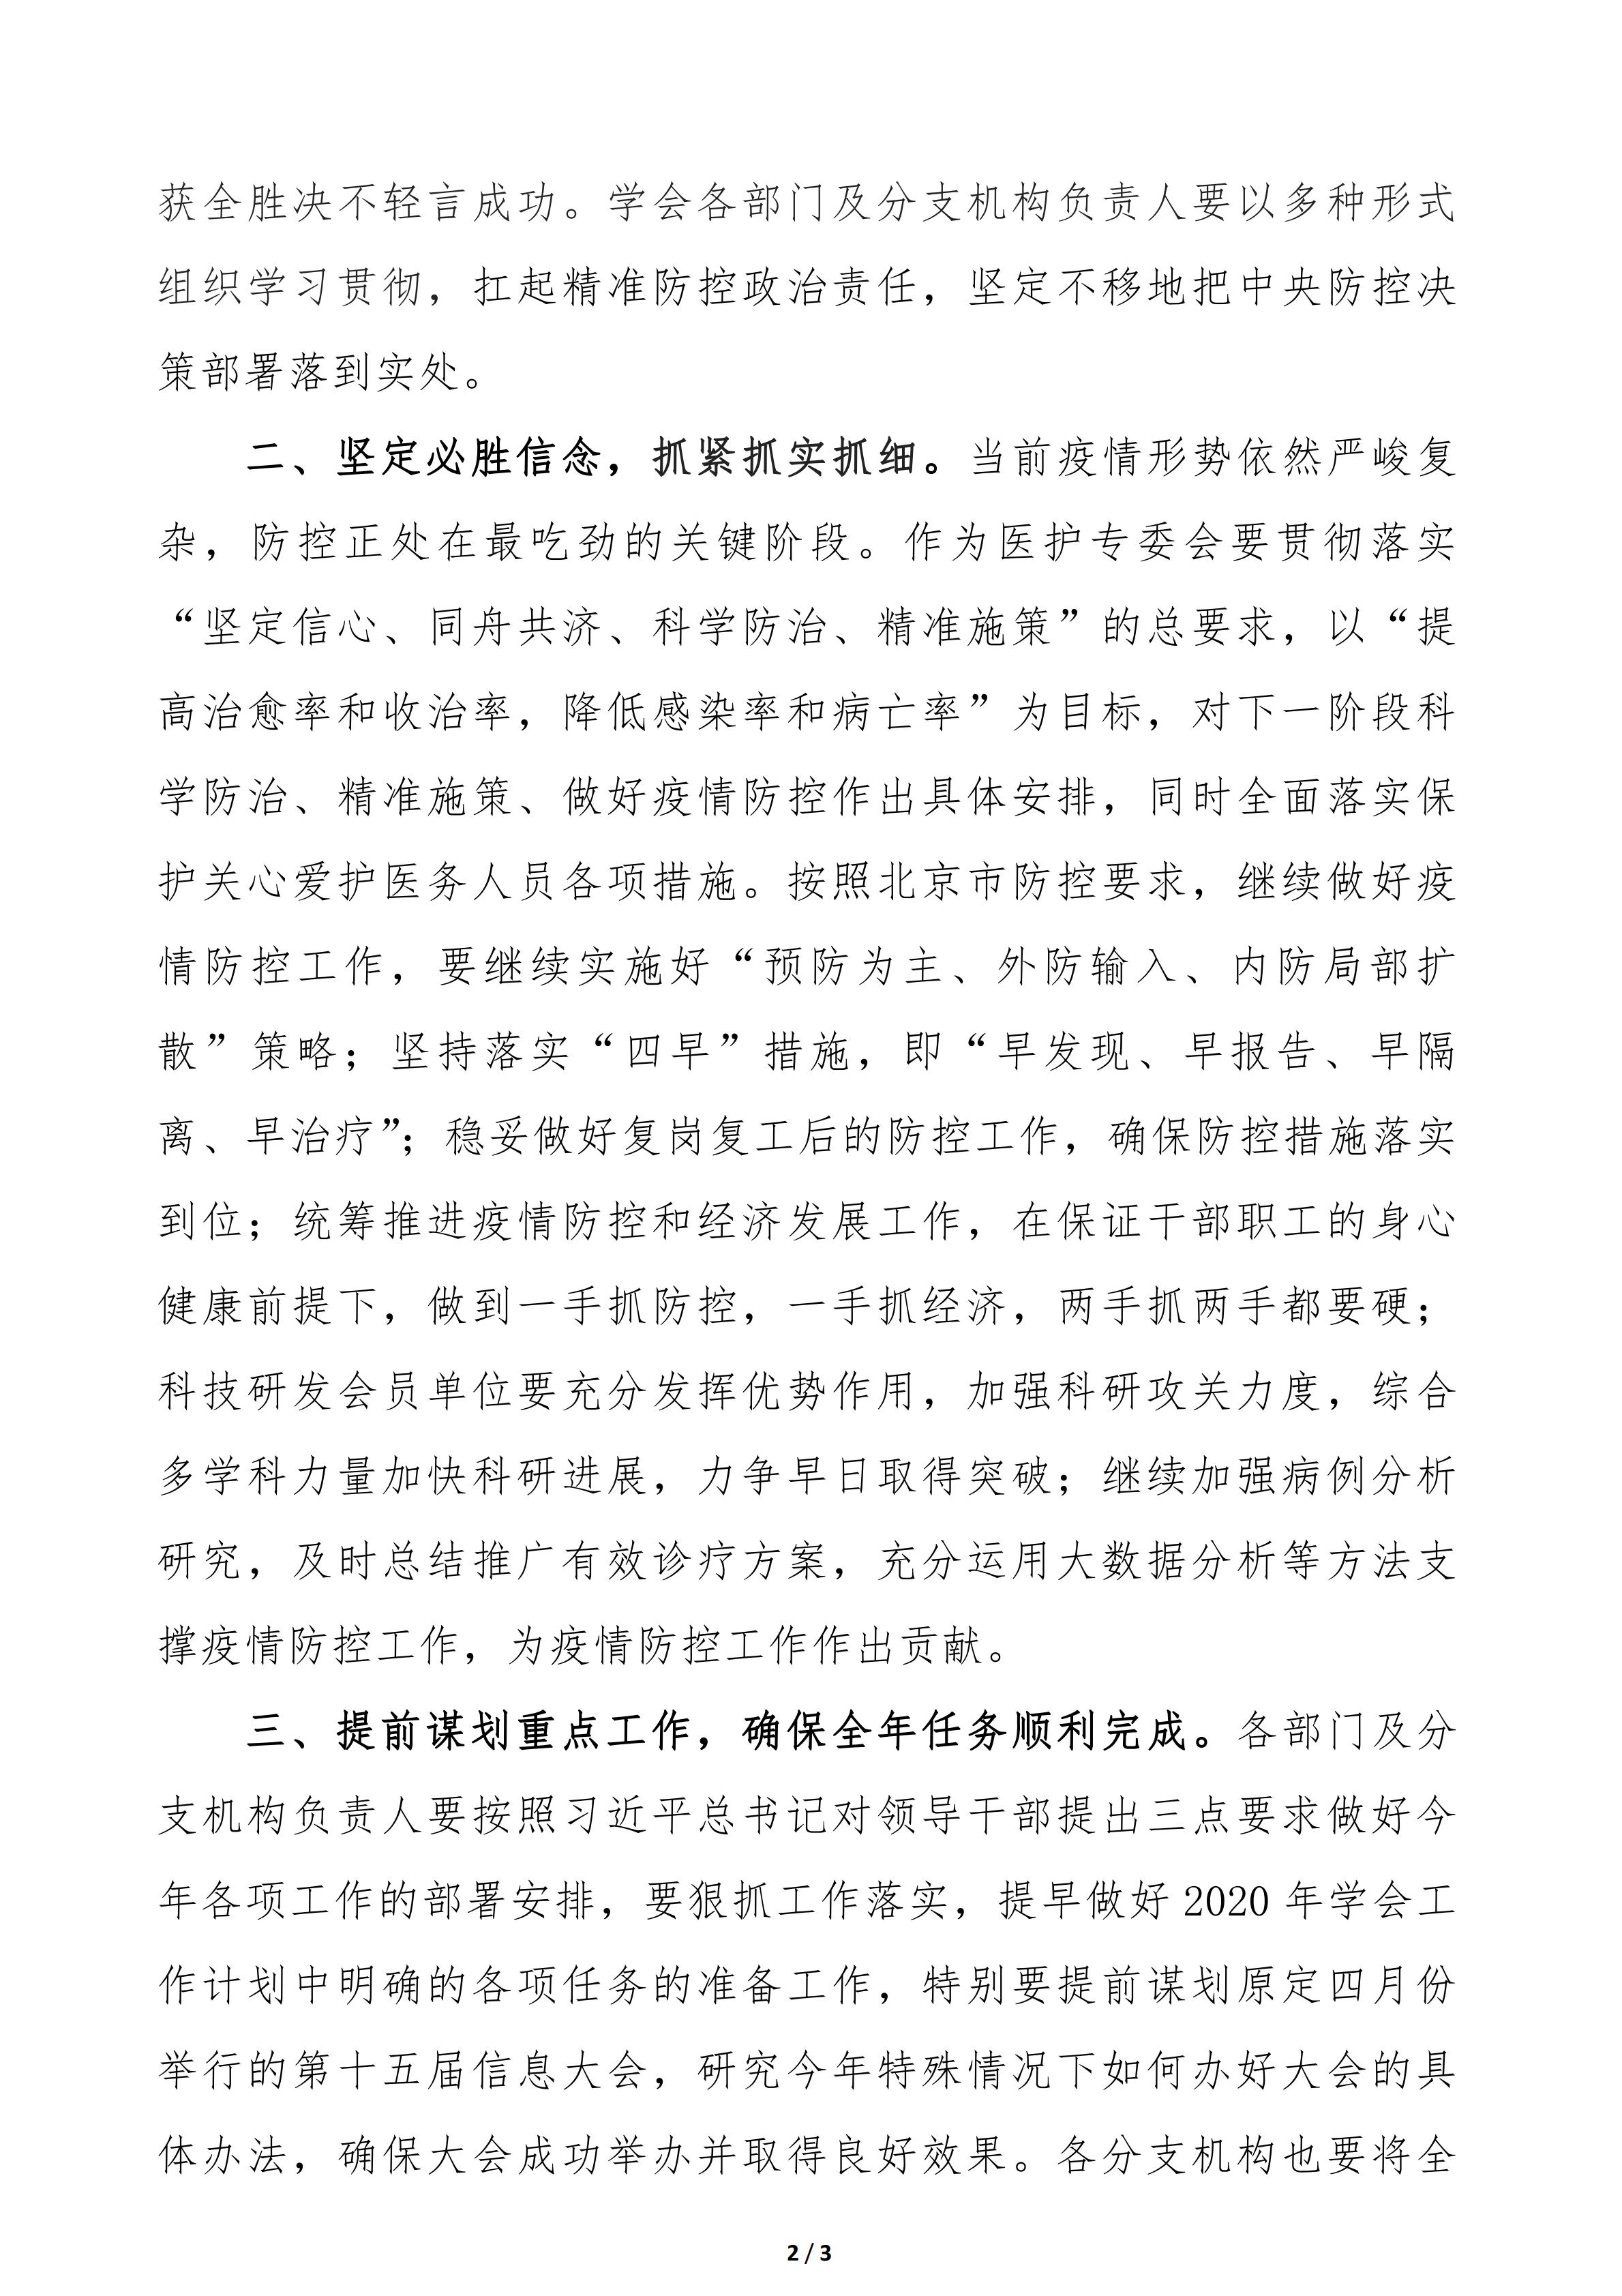 17号文-关于学习贯彻习近平总书记在统筹_01.png